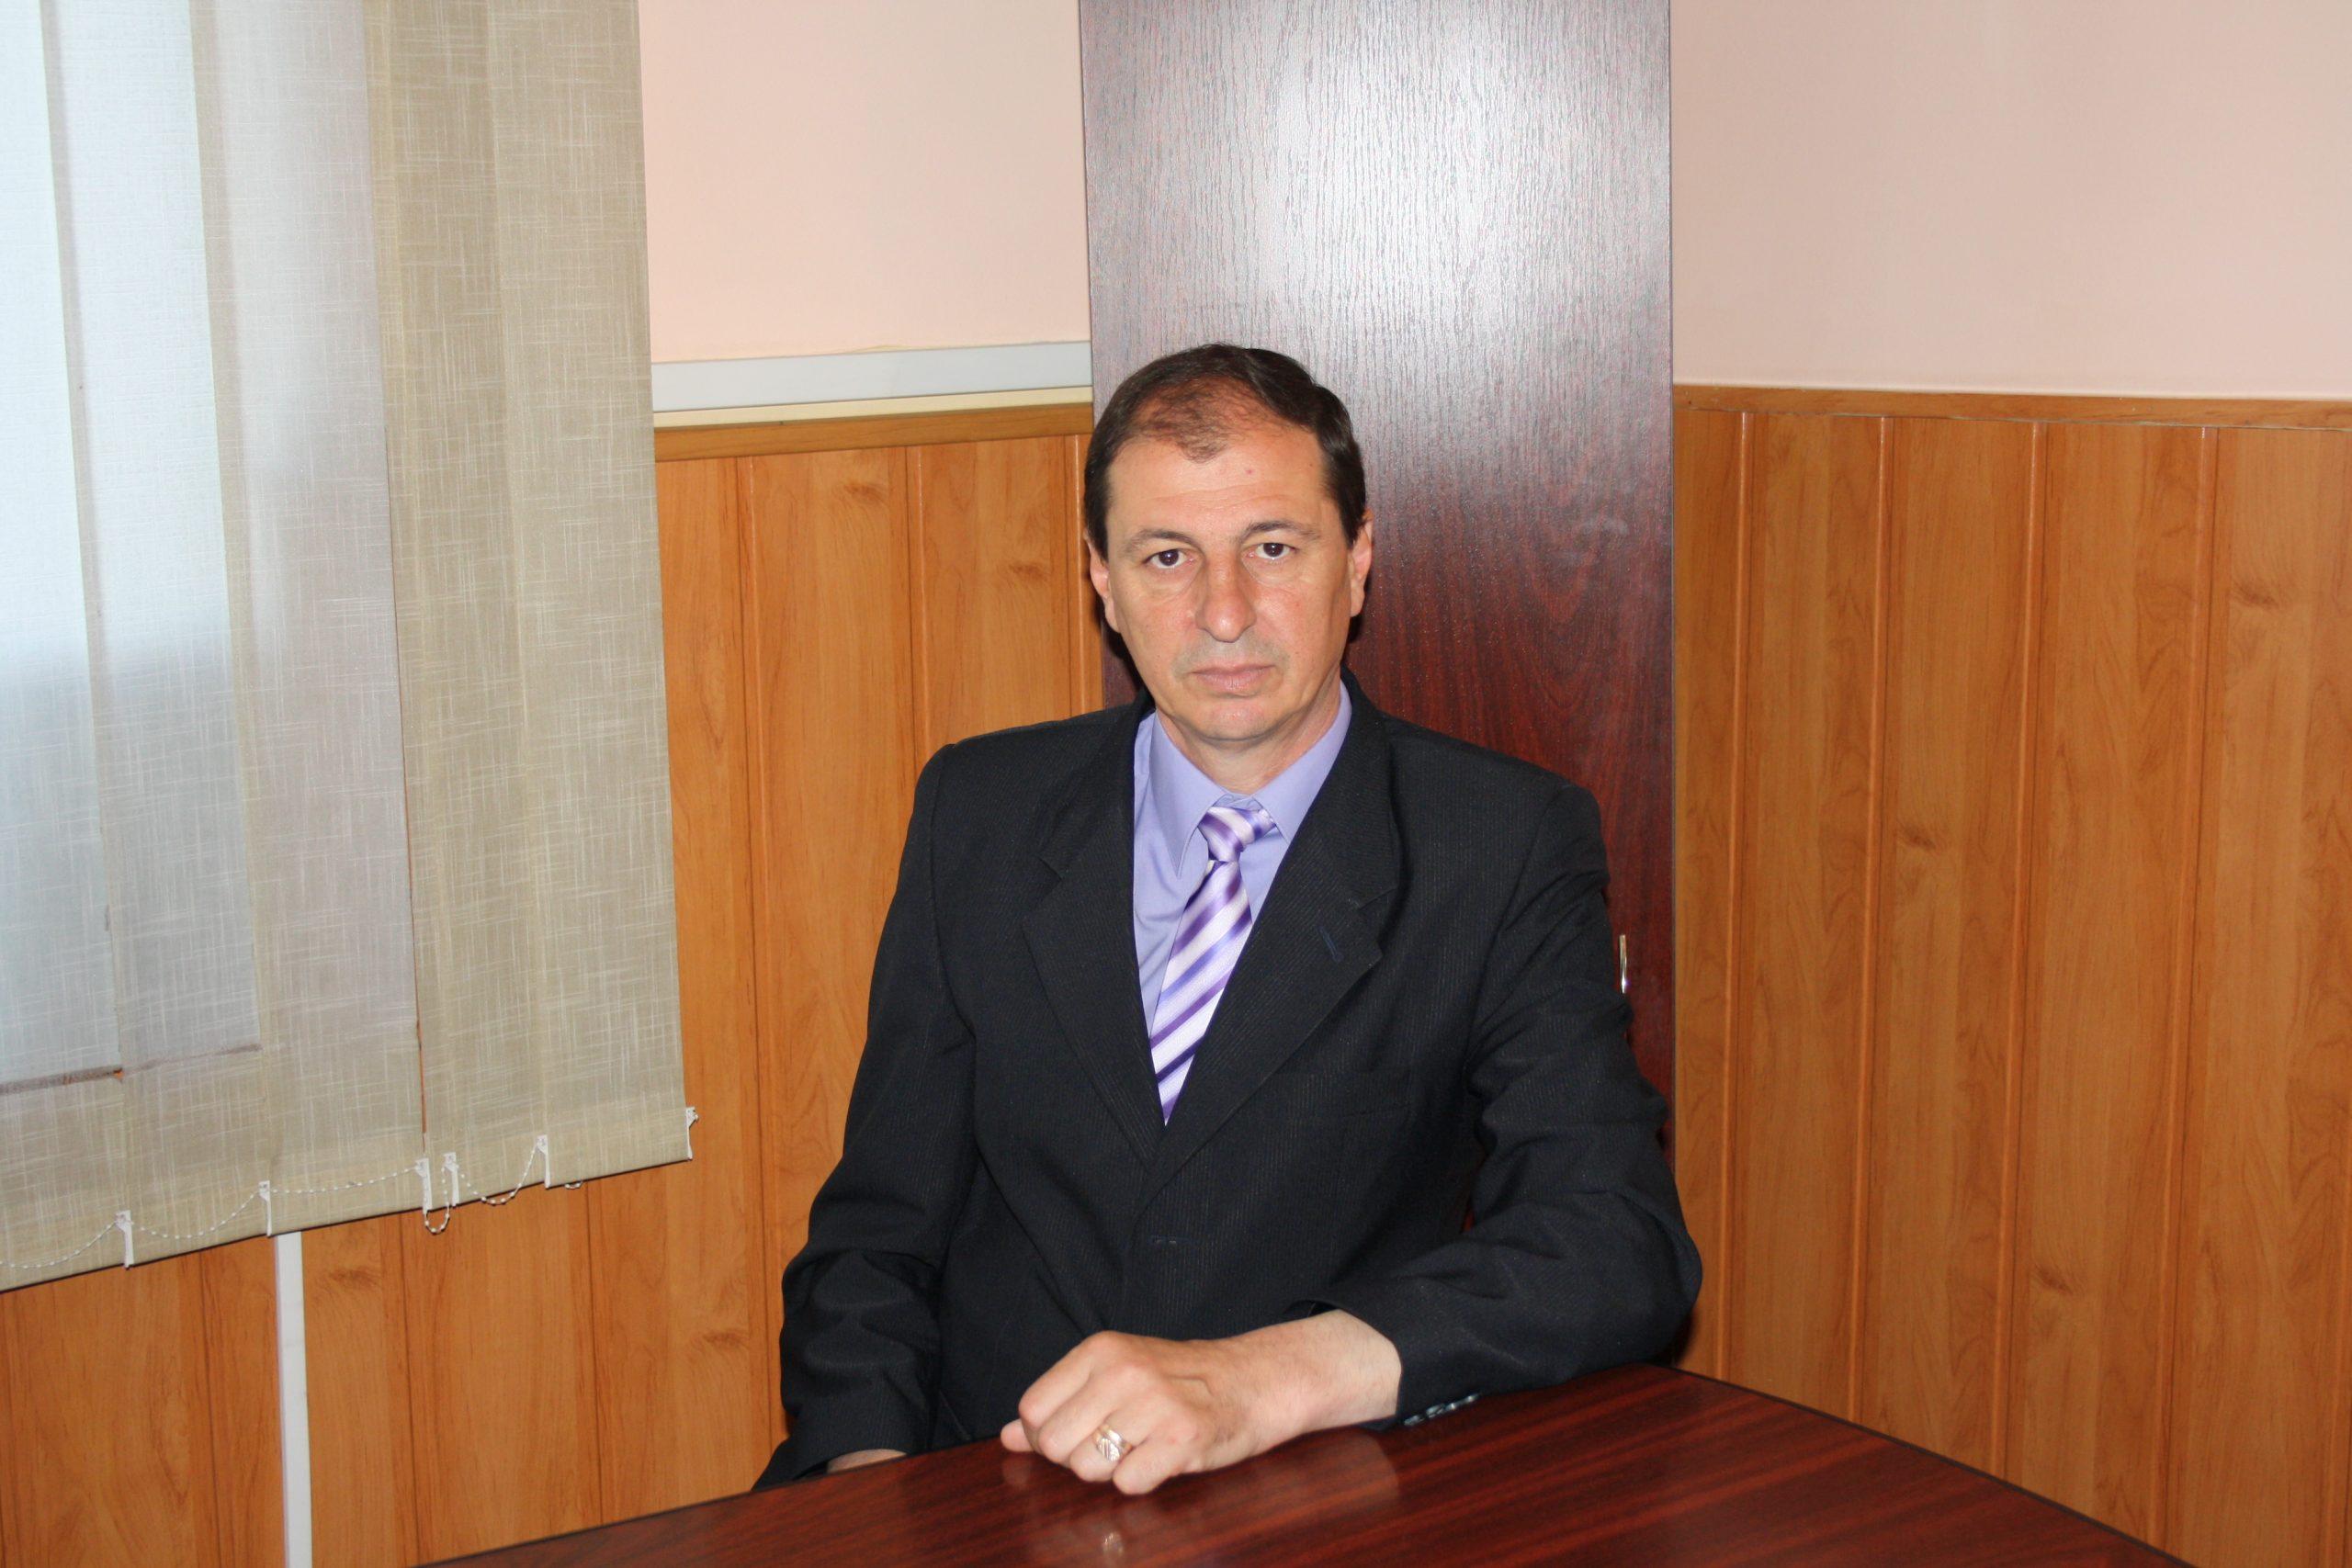 Proiectele mari necesită investiții mari – Primăria comunei Bunești dorește să investească într-un proiect prin fonduri europene